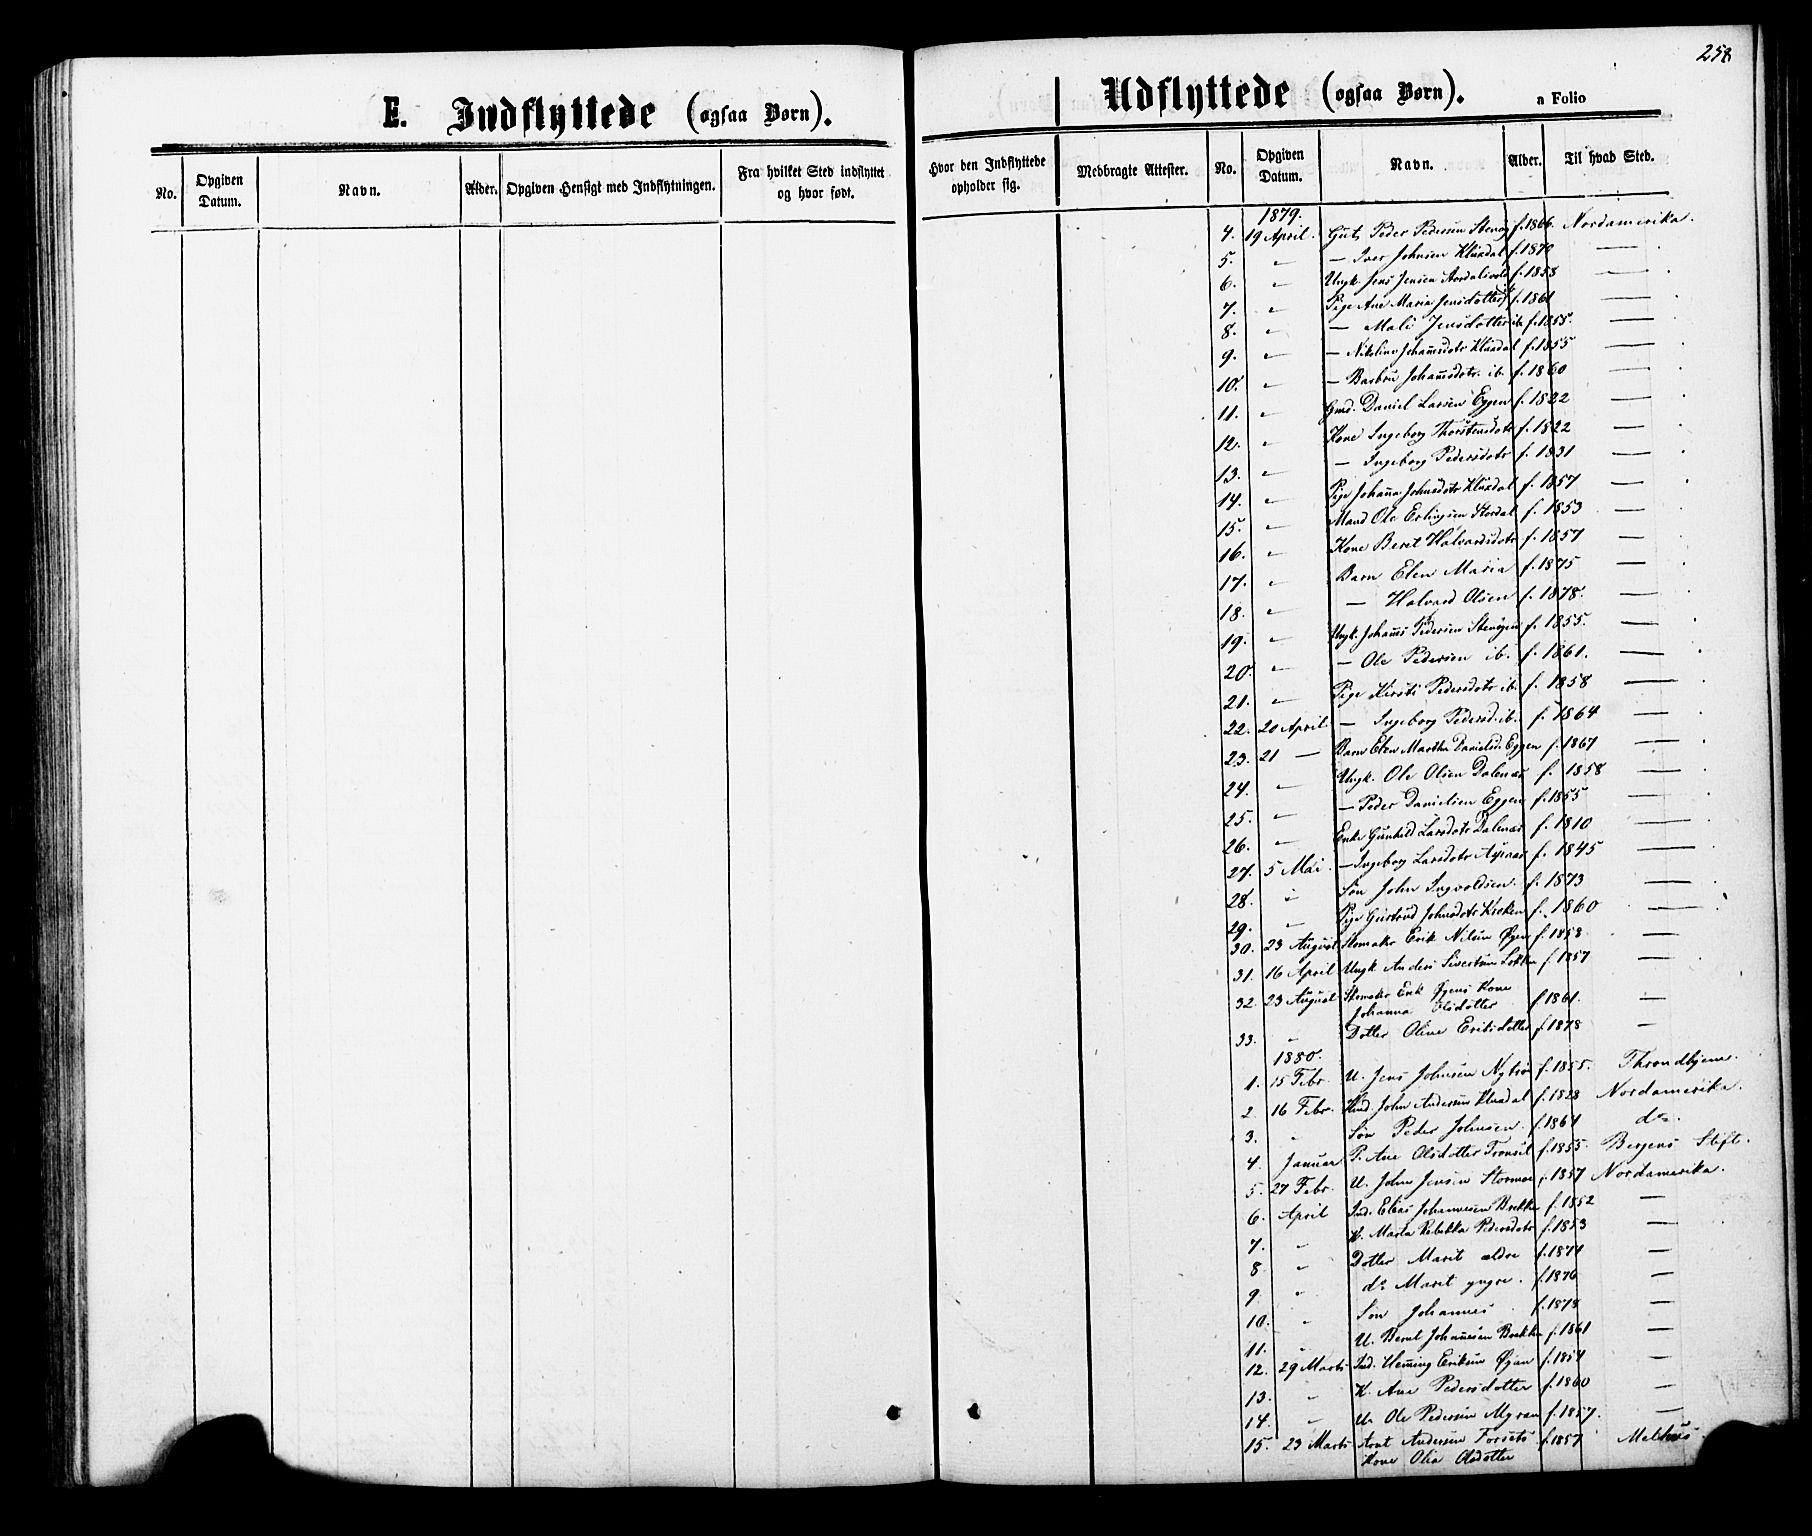 SAT, Ministerialprotokoller, klokkerbøker og fødselsregistre - Nord-Trøndelag, 706/L0049: Parish register (copy) no. 706C01, 1864-1895, p. 258